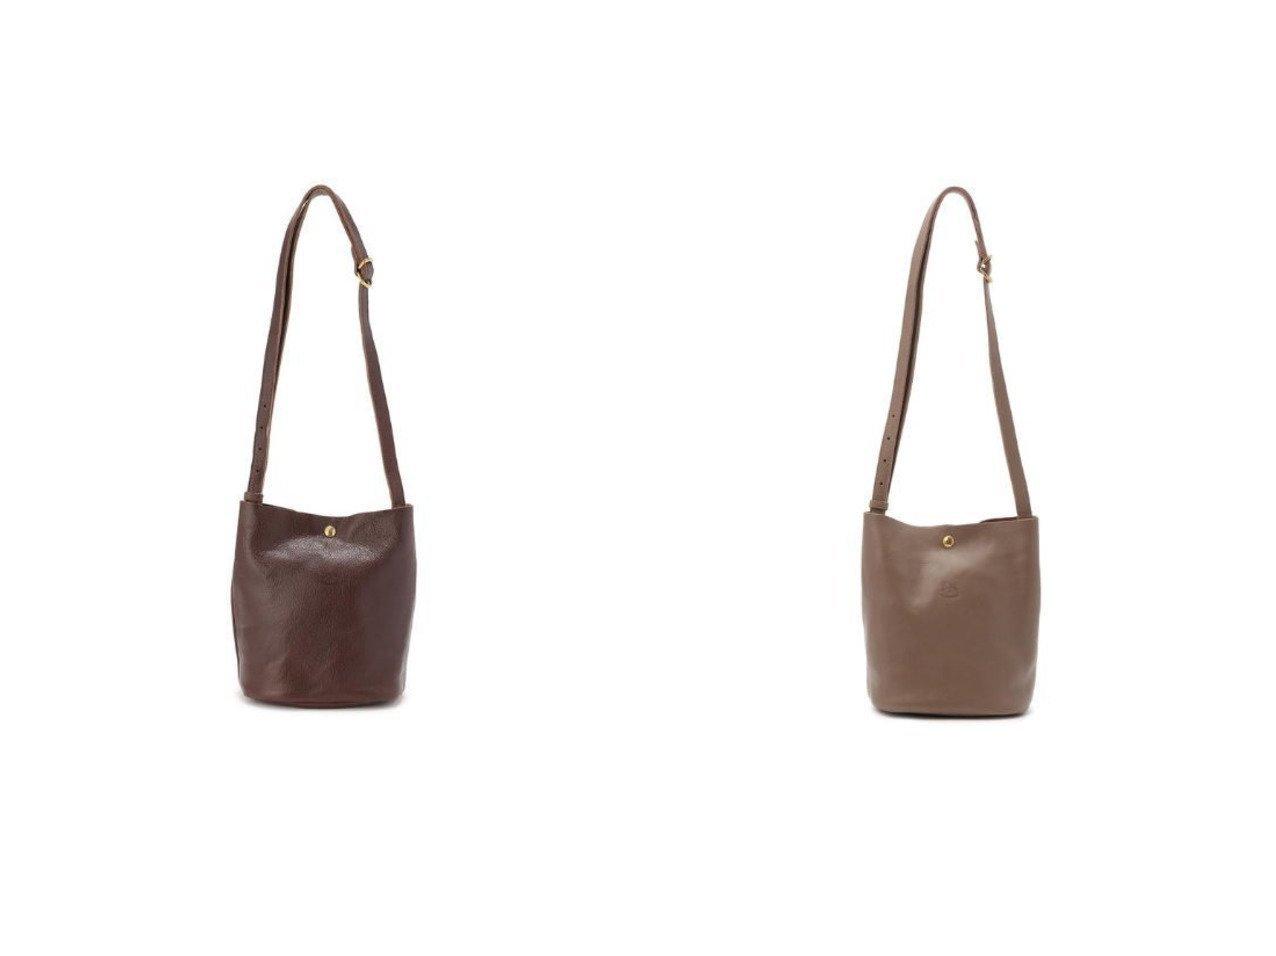 【IL BISONTE/イル ビゾンテ】のショルダーバッグ 【バッグ・鞄】おすすめ!人気、トレンド・レディースファッションの通販 おすすめで人気の流行・トレンド、ファッションの通販商品 インテリア・家具・メンズファッション・キッズファッション・レディースファッション・服の通販 founy(ファニー) https://founy.com/ ファッション Fashion レディースファッション WOMEN バッグ Bag シンプル バケツ フォルム フロント ポケット  ID:crp329100000047568